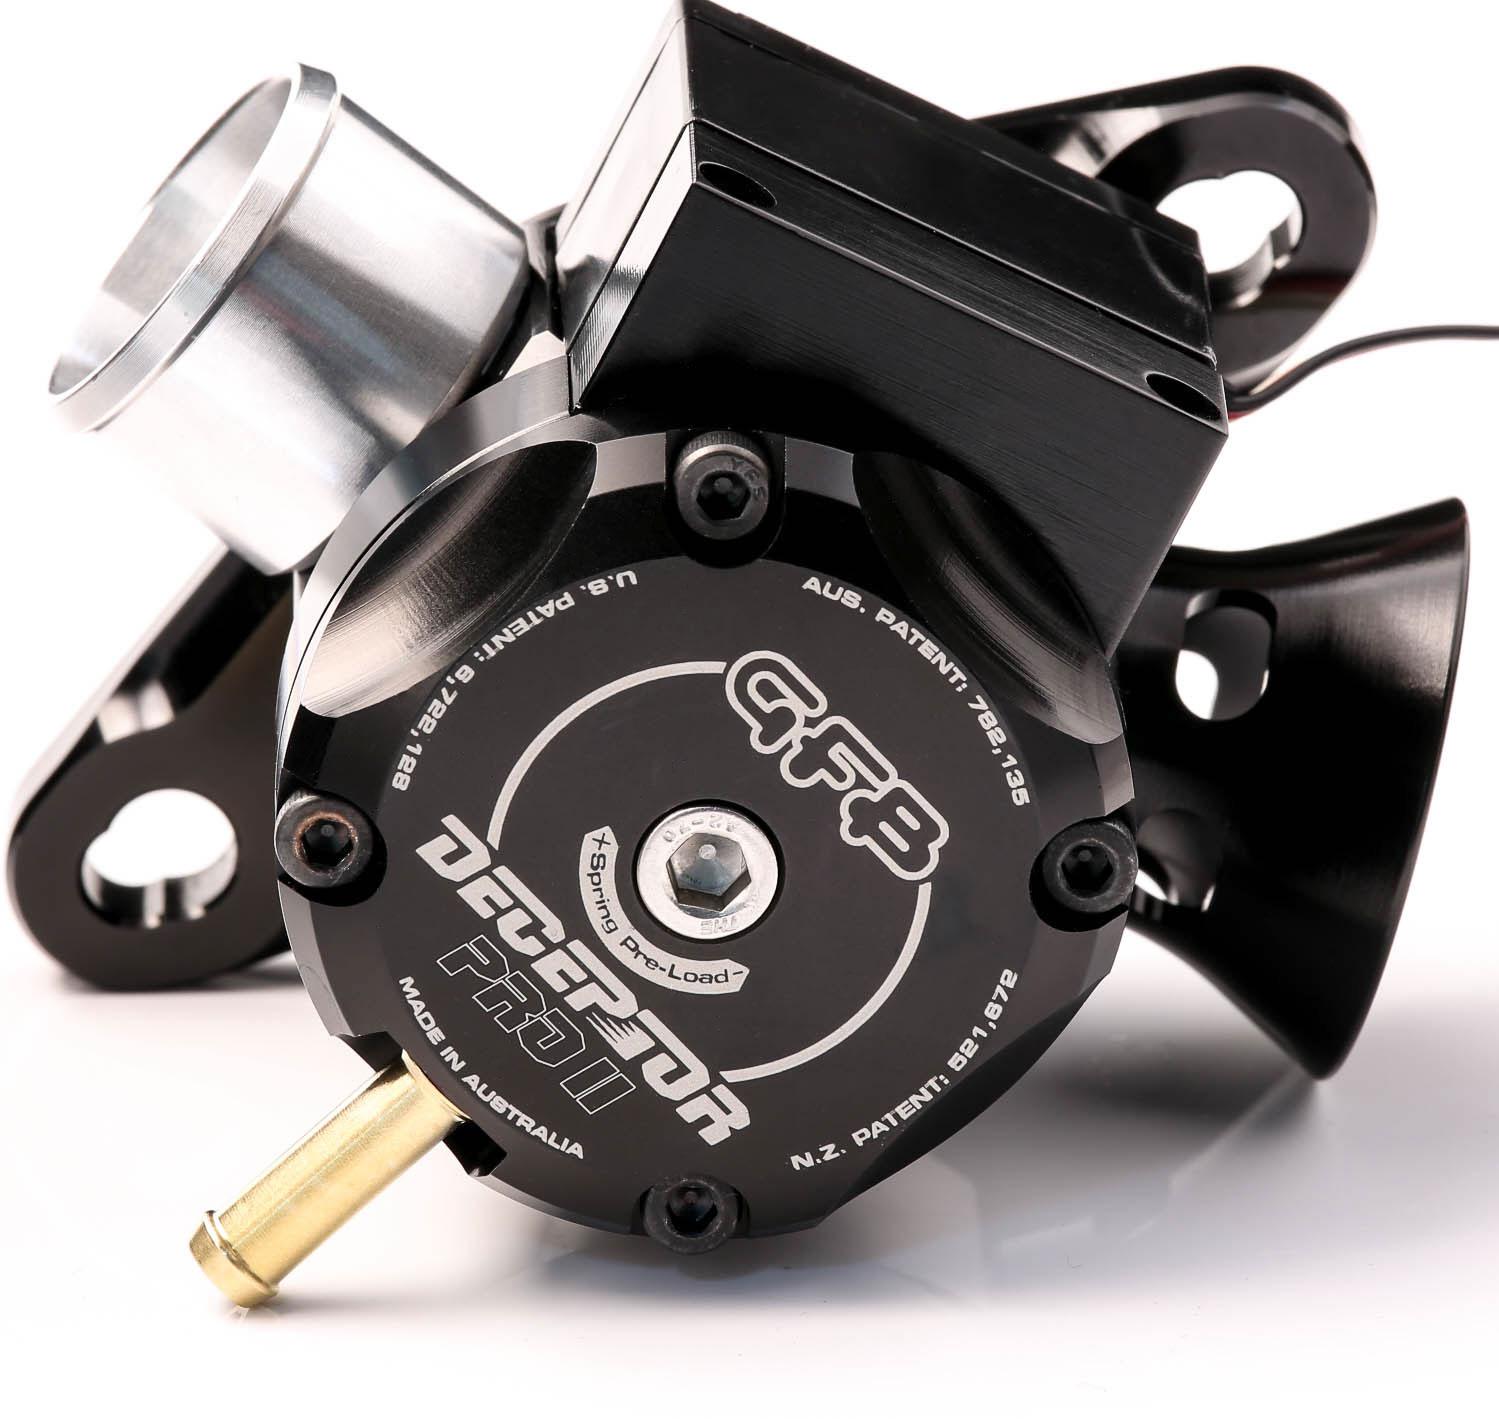 T9501 Deceptor Pro 2 - in-cabin motorised adjustable bias venting diverter valve